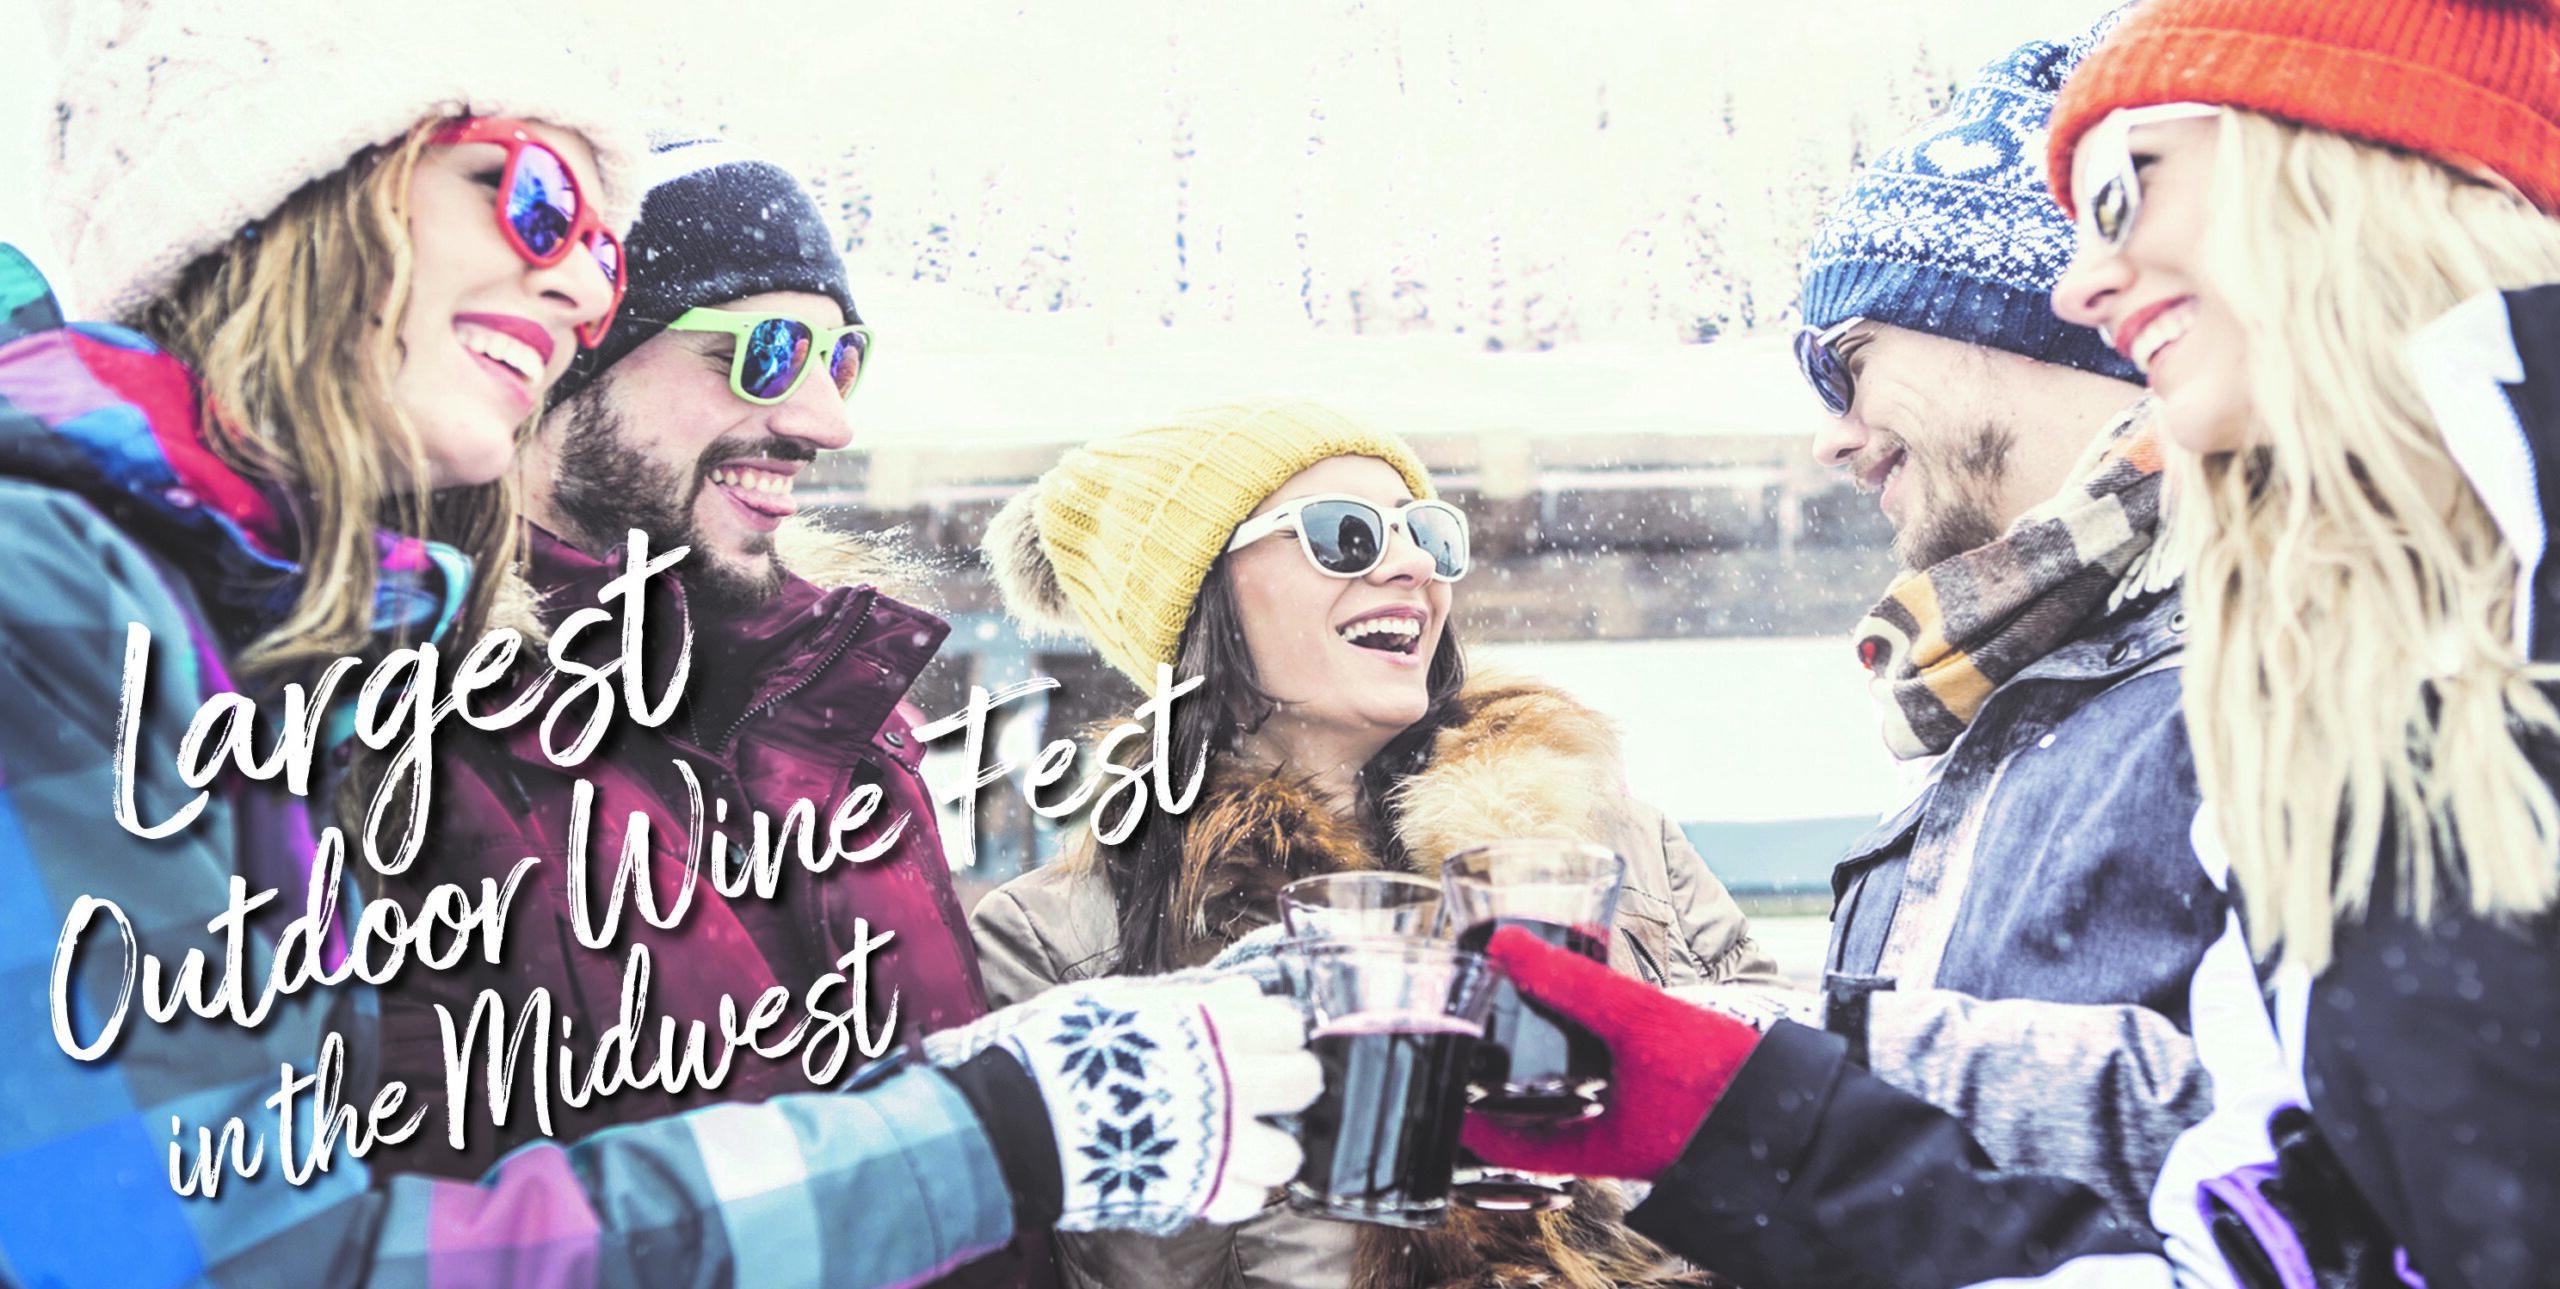 frozen tundra wine fest